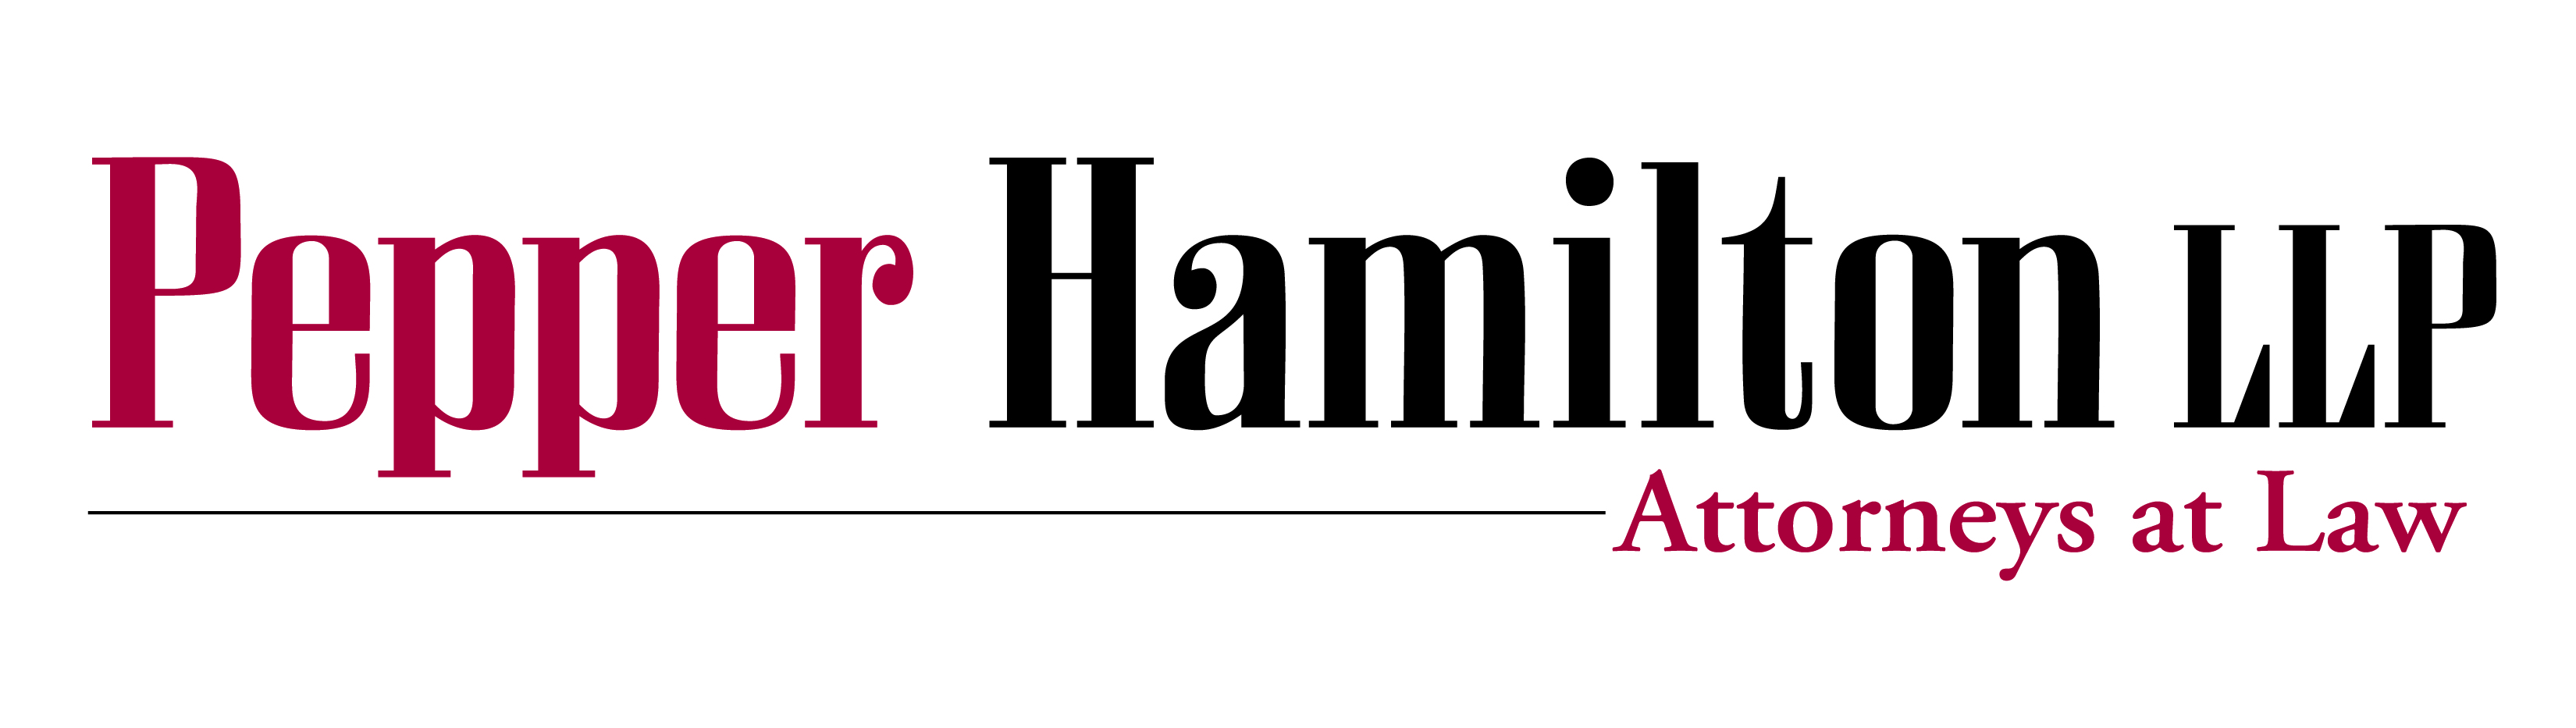 Pepper Hamilton LLP